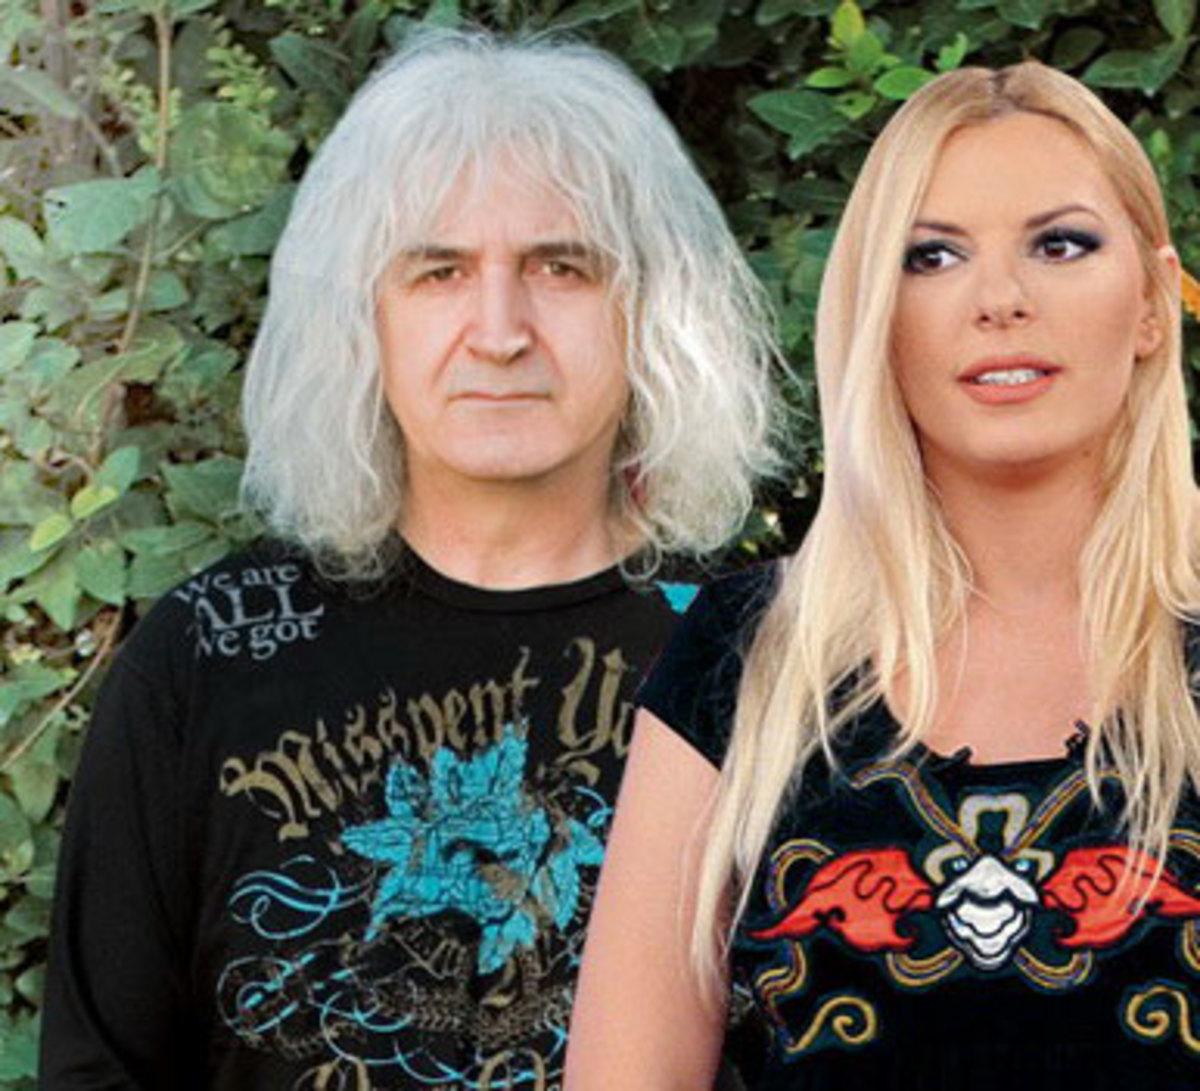 Α.Πάνια: «Αν χώριζα θα έβγαζα αφίσες» | Newsit.gr